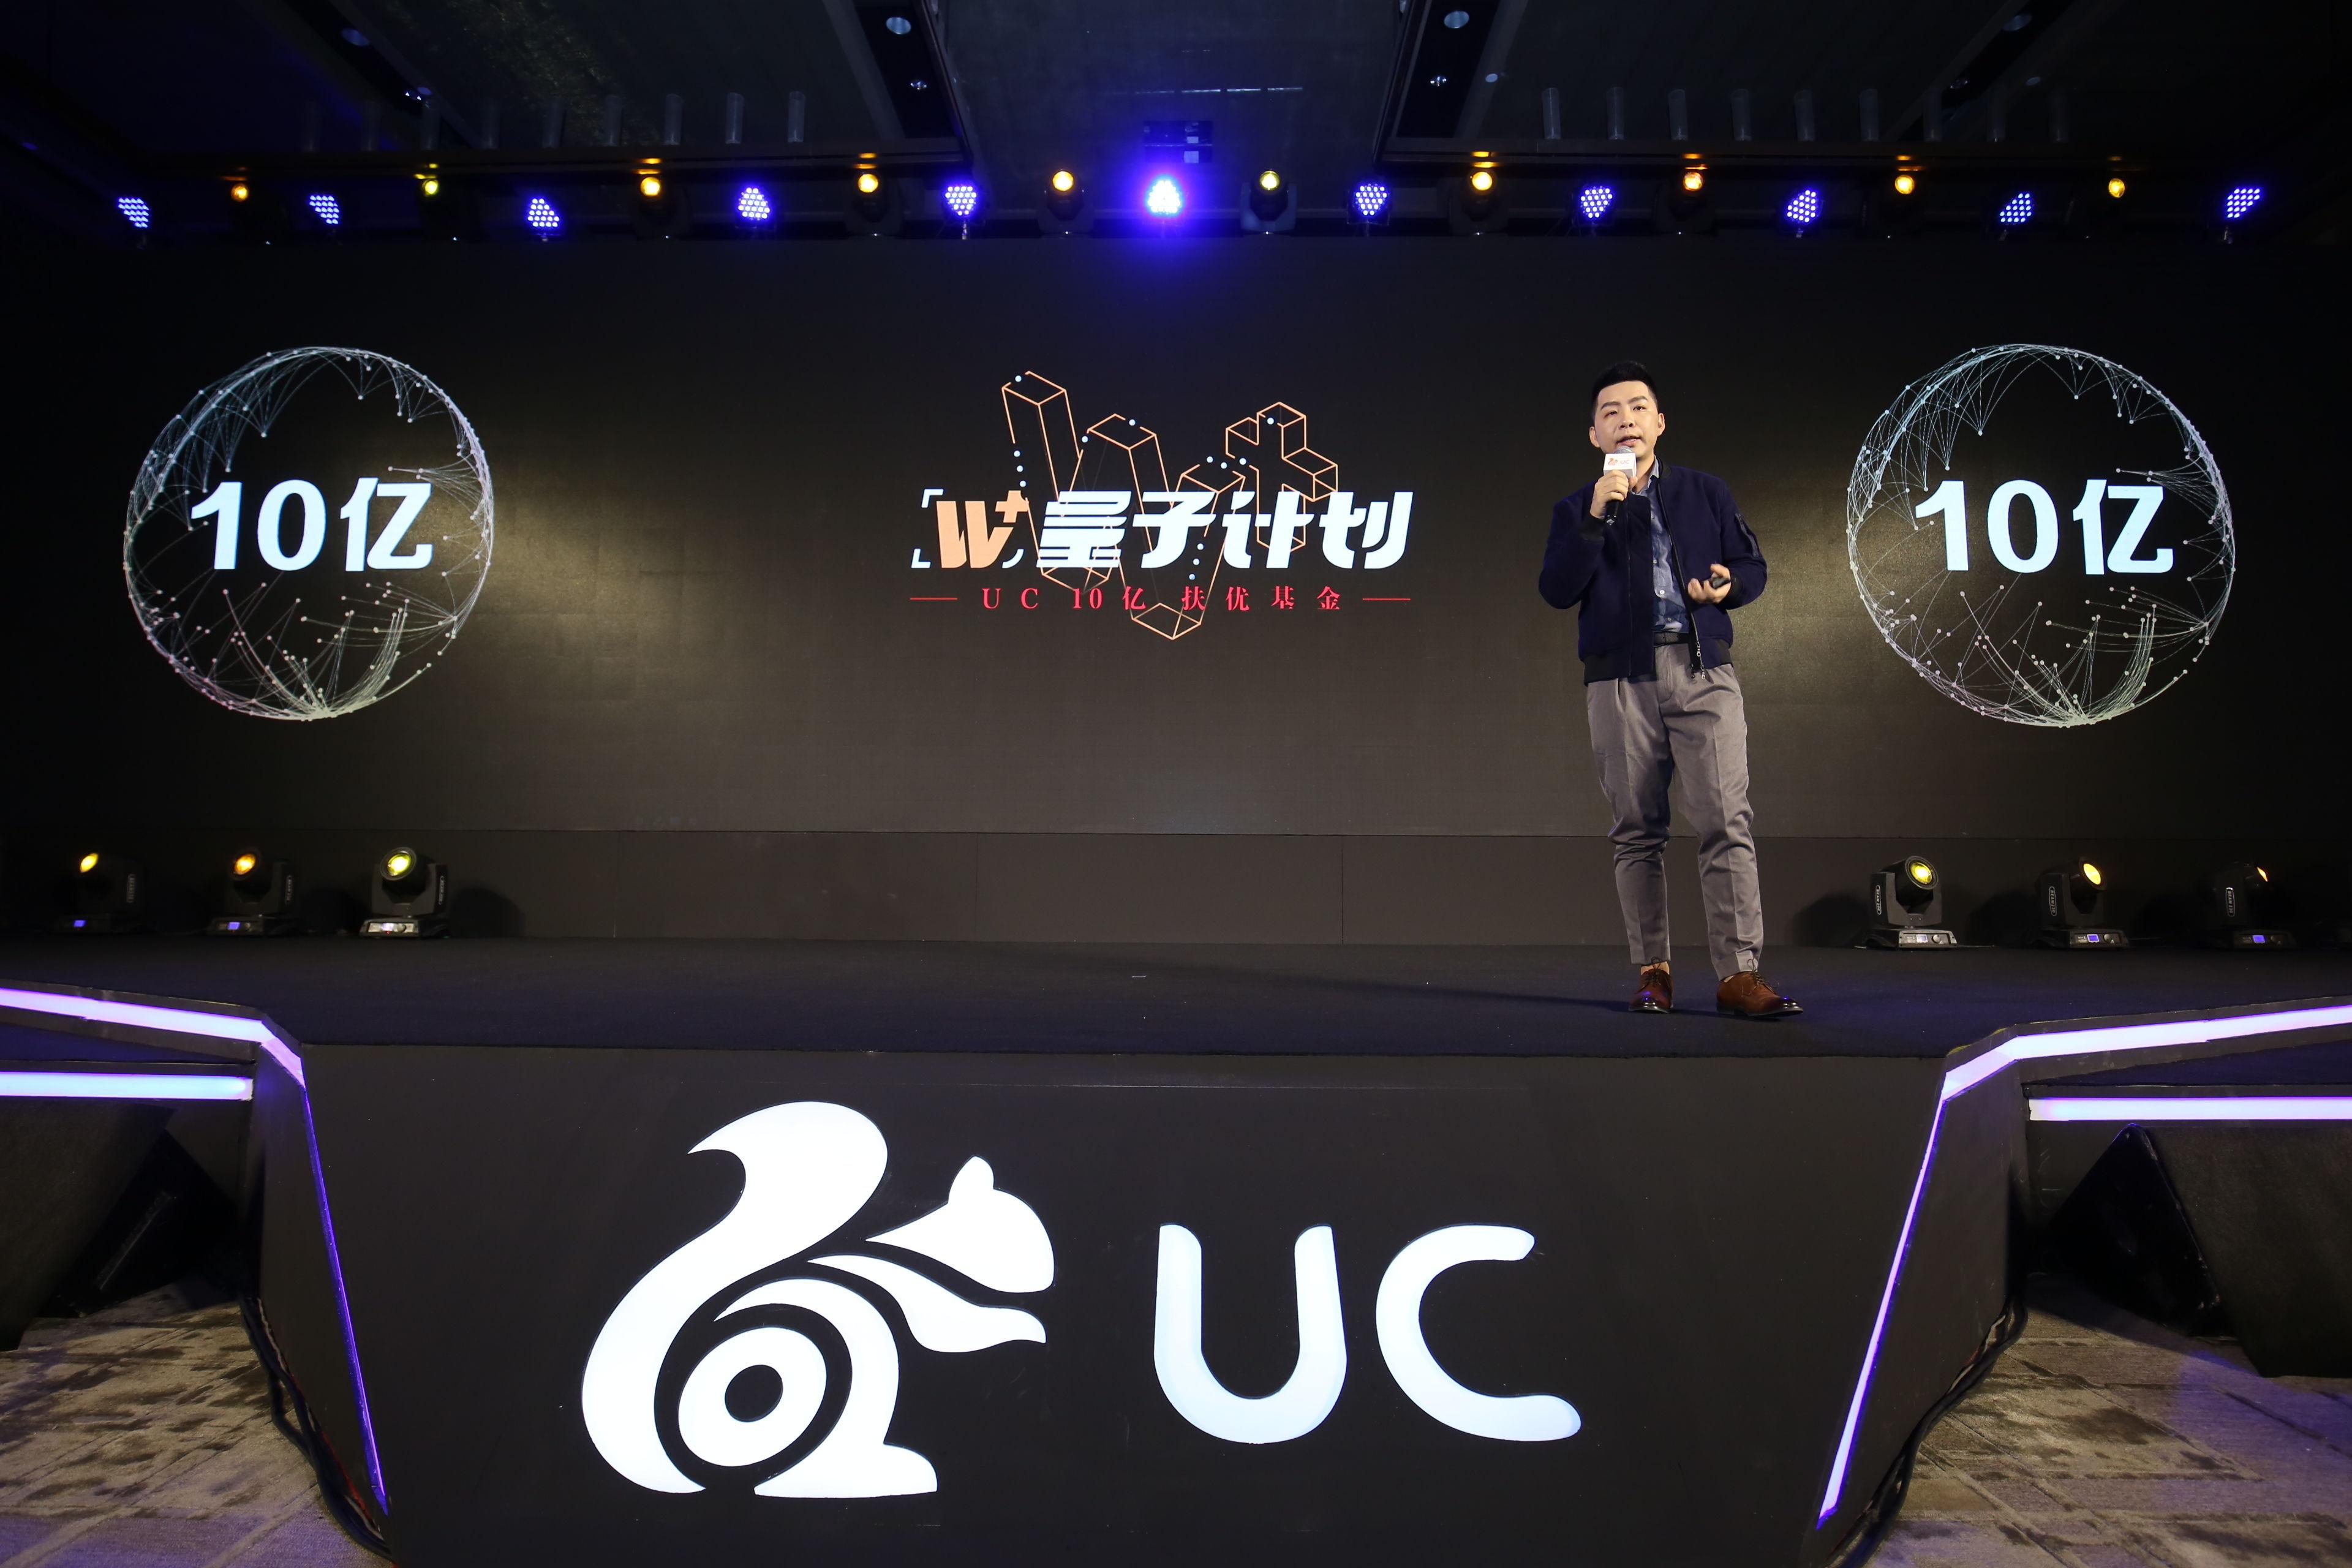 UC 订阅号启动「W+」量子计划 阿里文娱 10 亿基金鼓励创作者